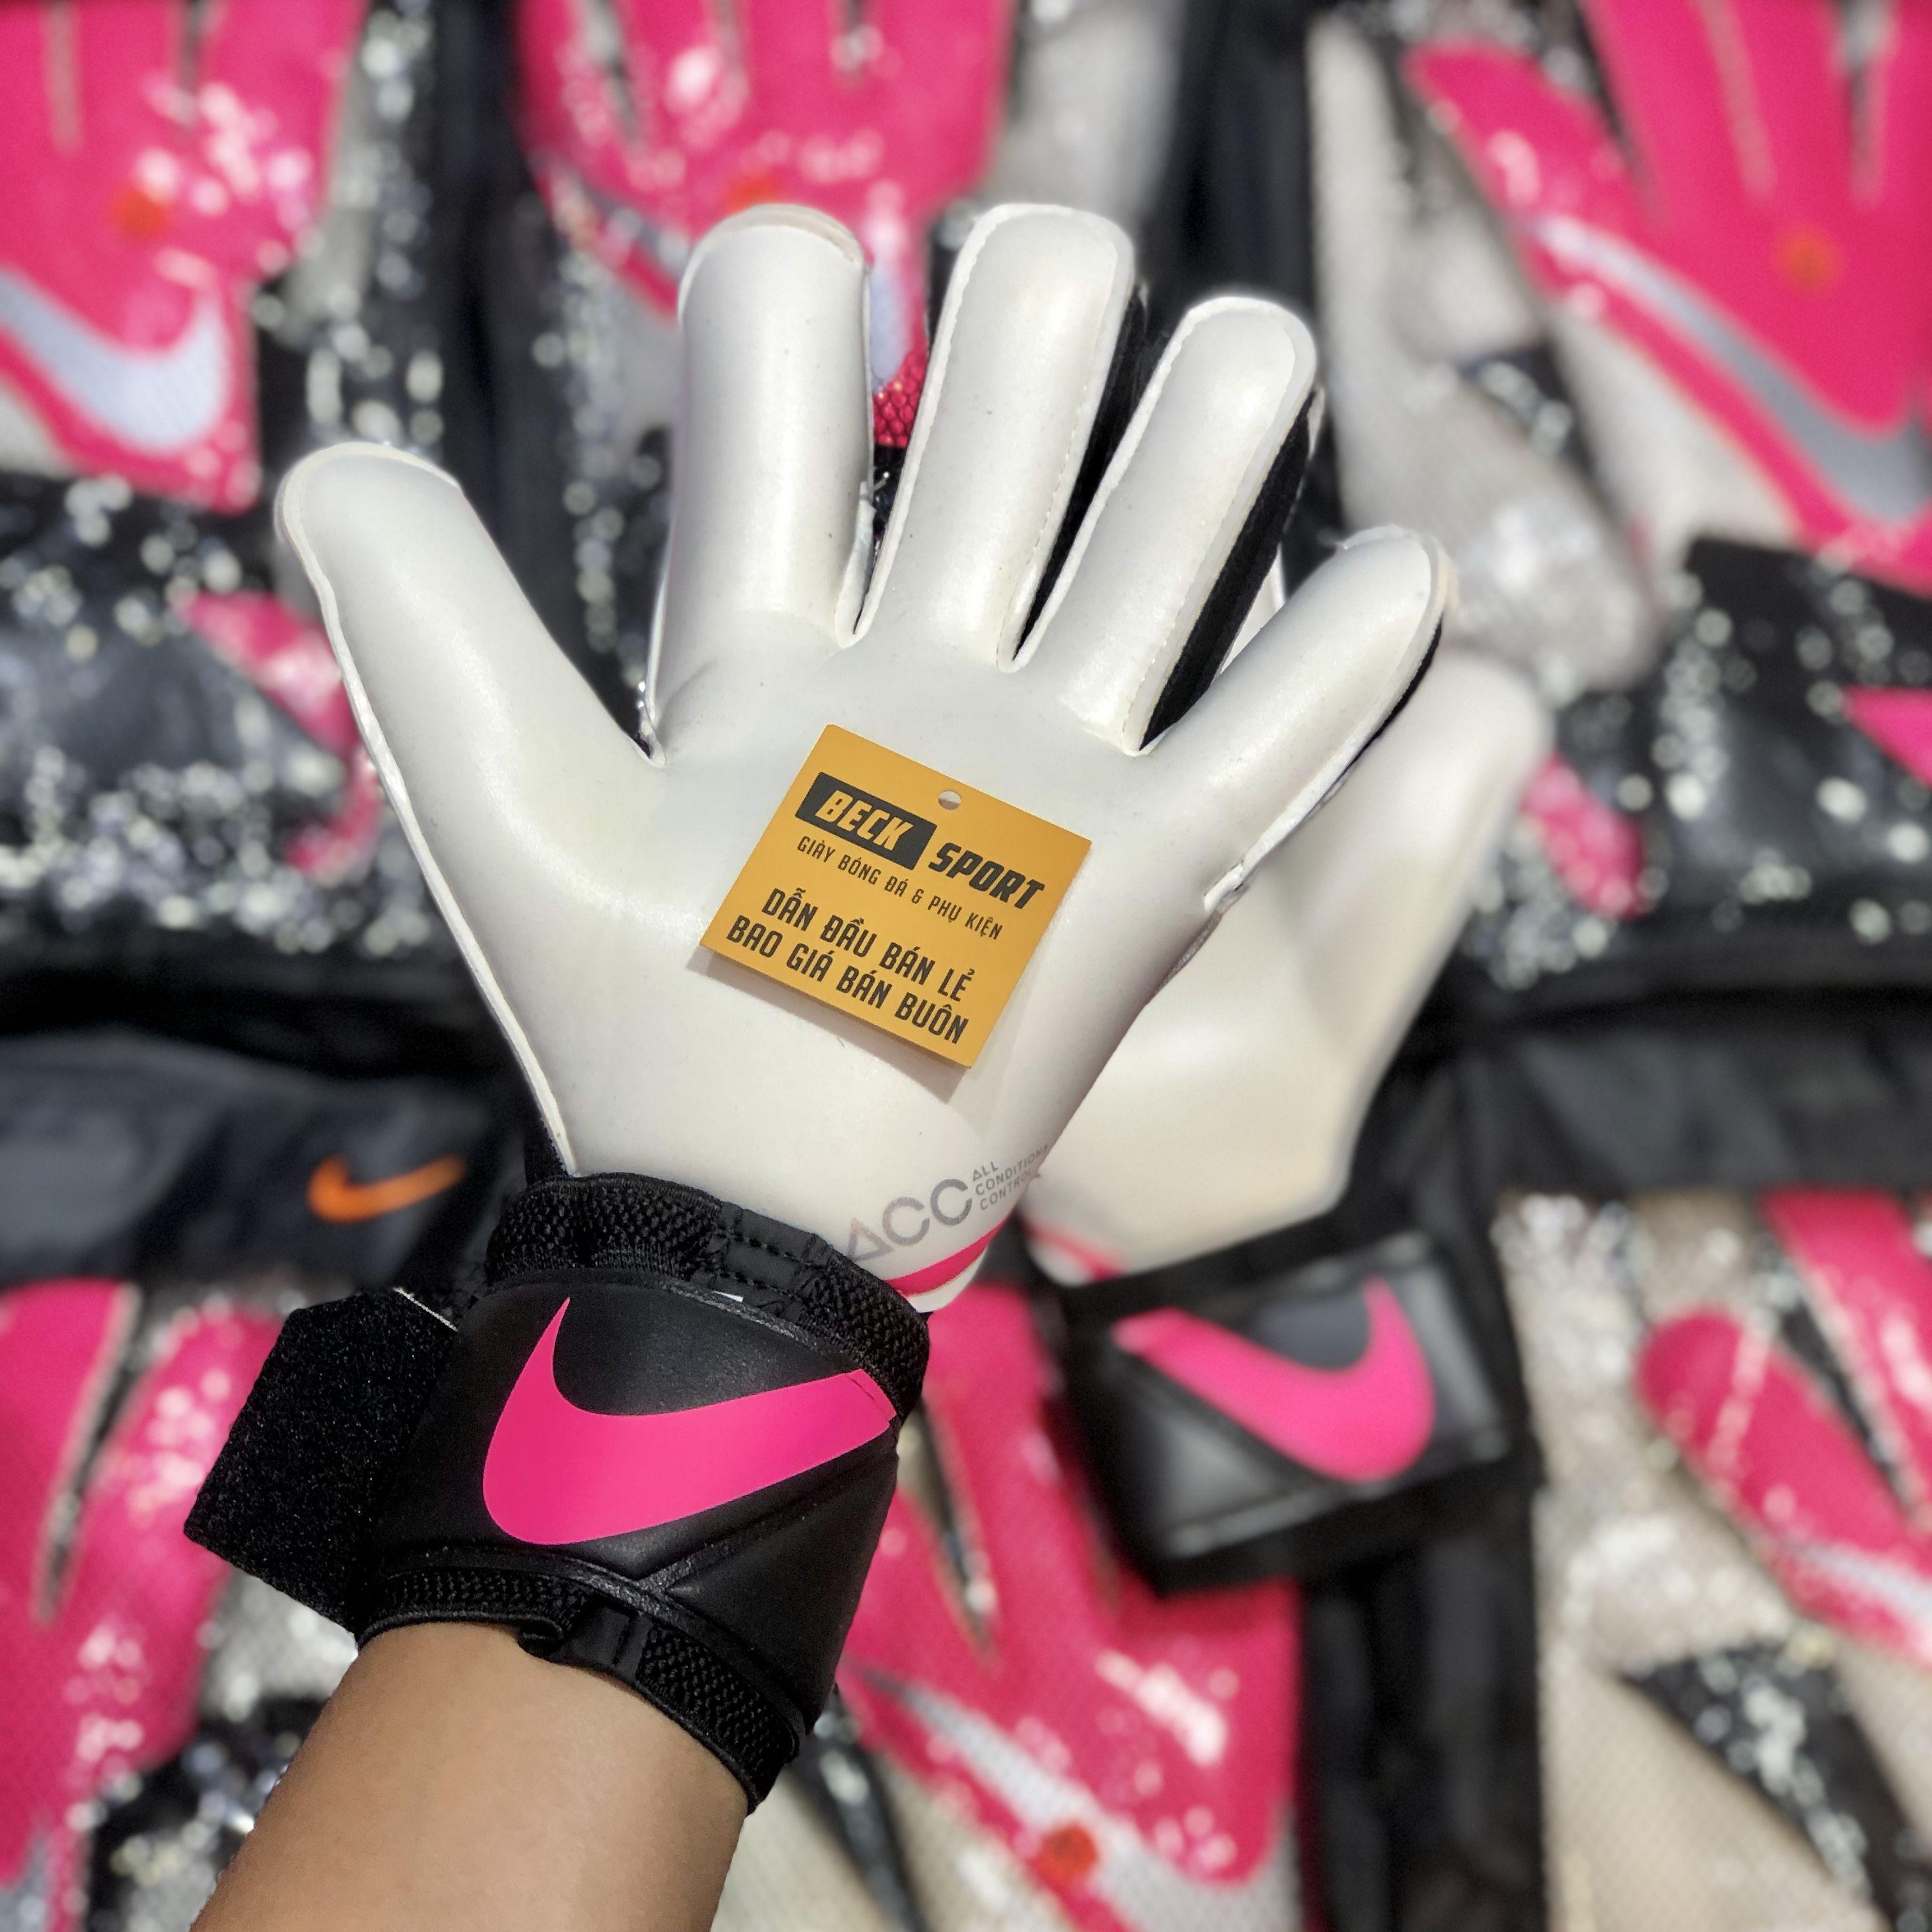 Găng Tay Nike Vapor Grip 3 Hồng Đen Vạch Xám ( Không Xương )